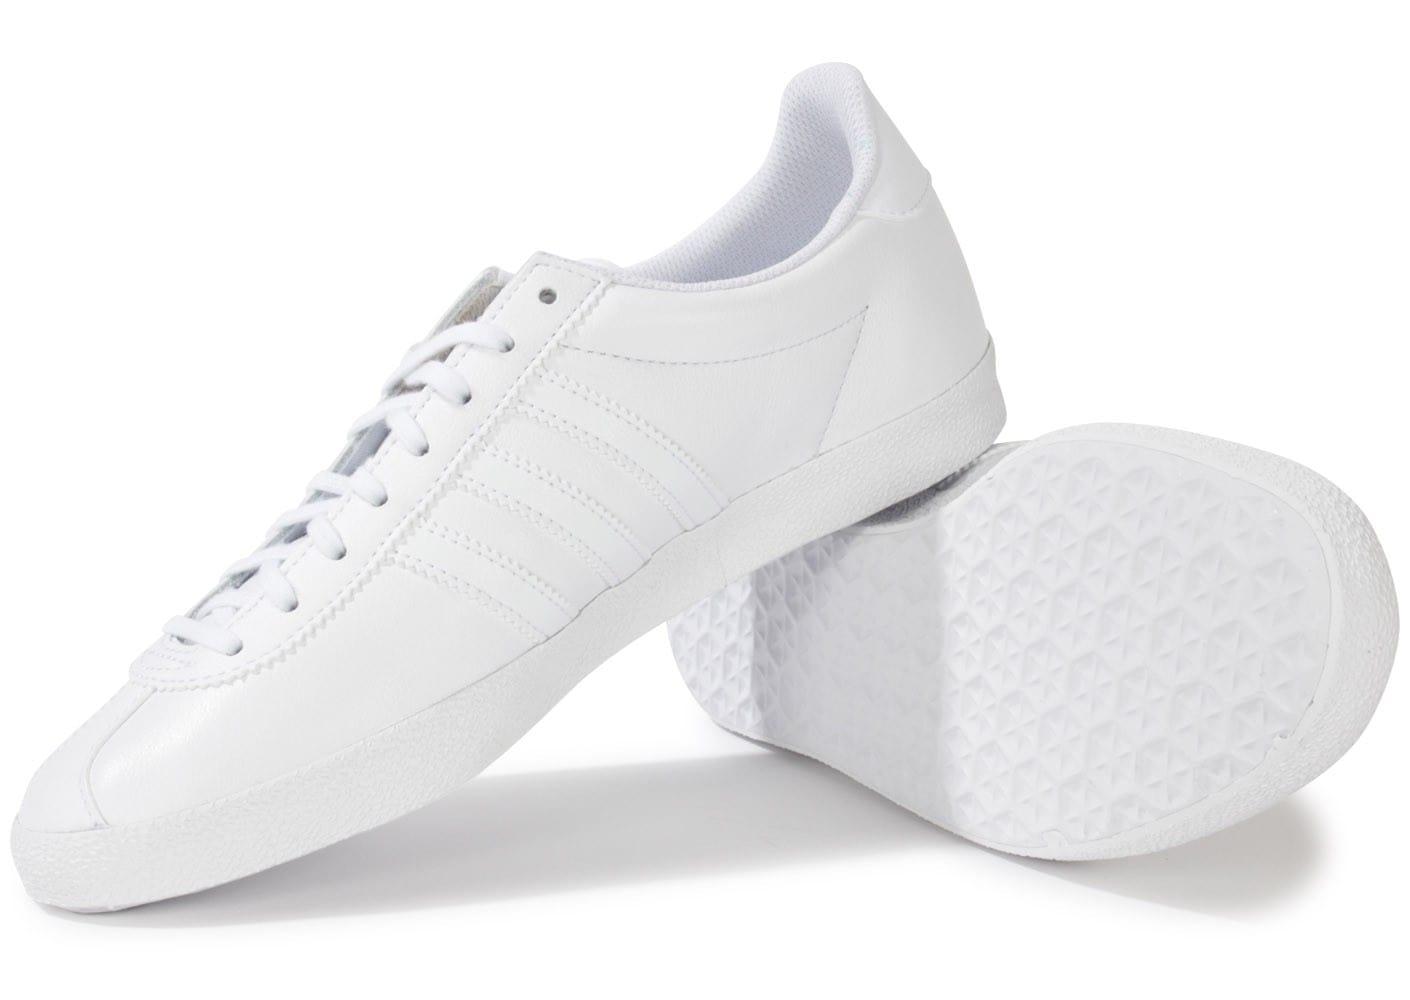 adidas Gazelle S76228, Baskets mode CHAUSSURES HOMME Rouge, Blanc Printemps  été Cuir Caoutchouc Lacets 23bb28f429a0